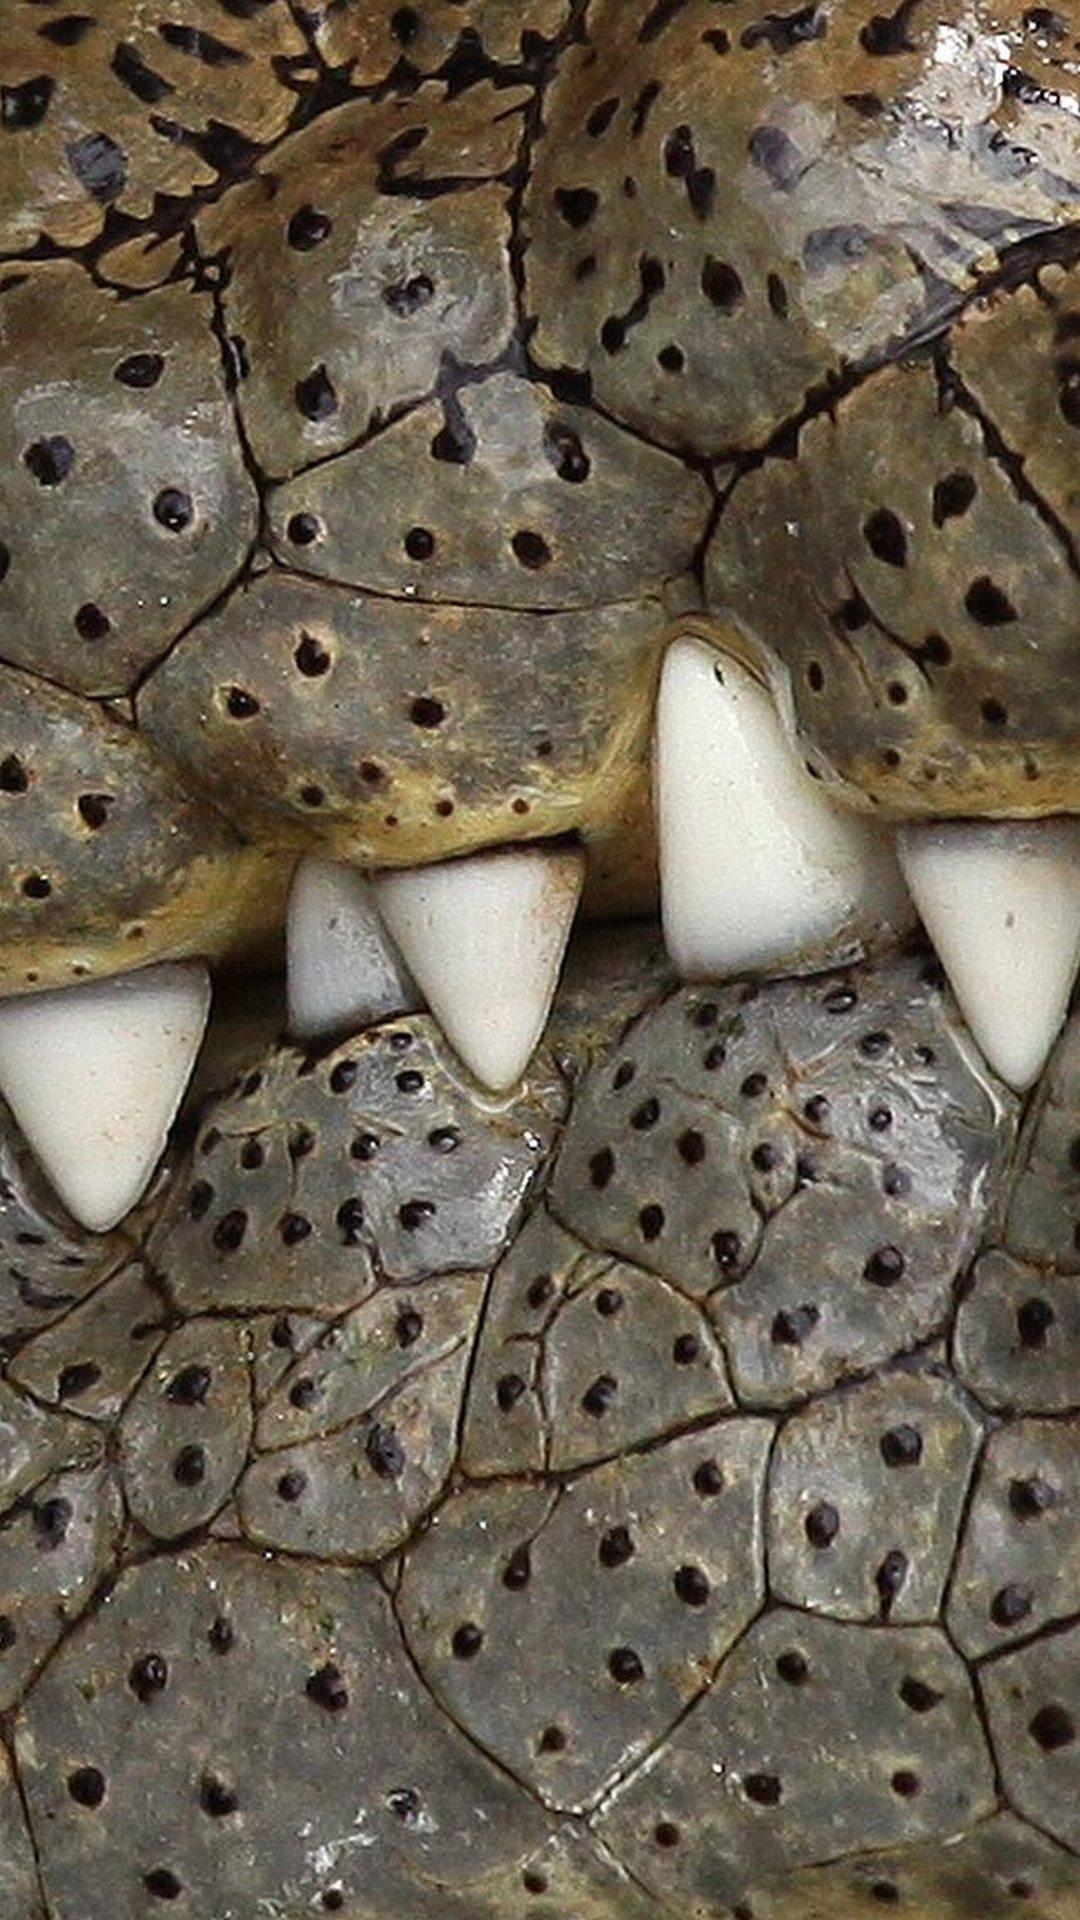 Crocodile teeths